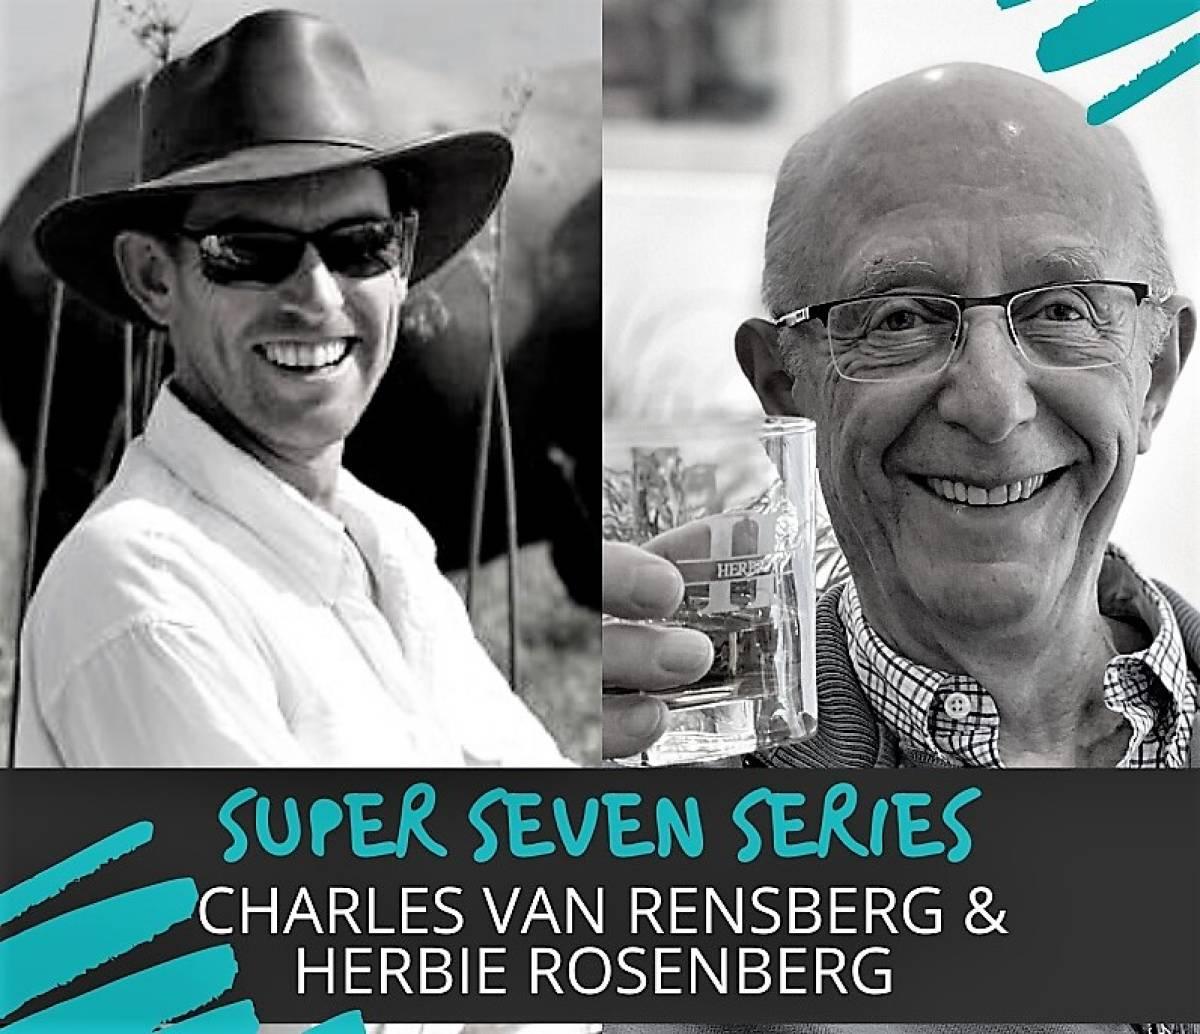 The Super Seven Series Herbie Rosenberg and Charles van Rensberg